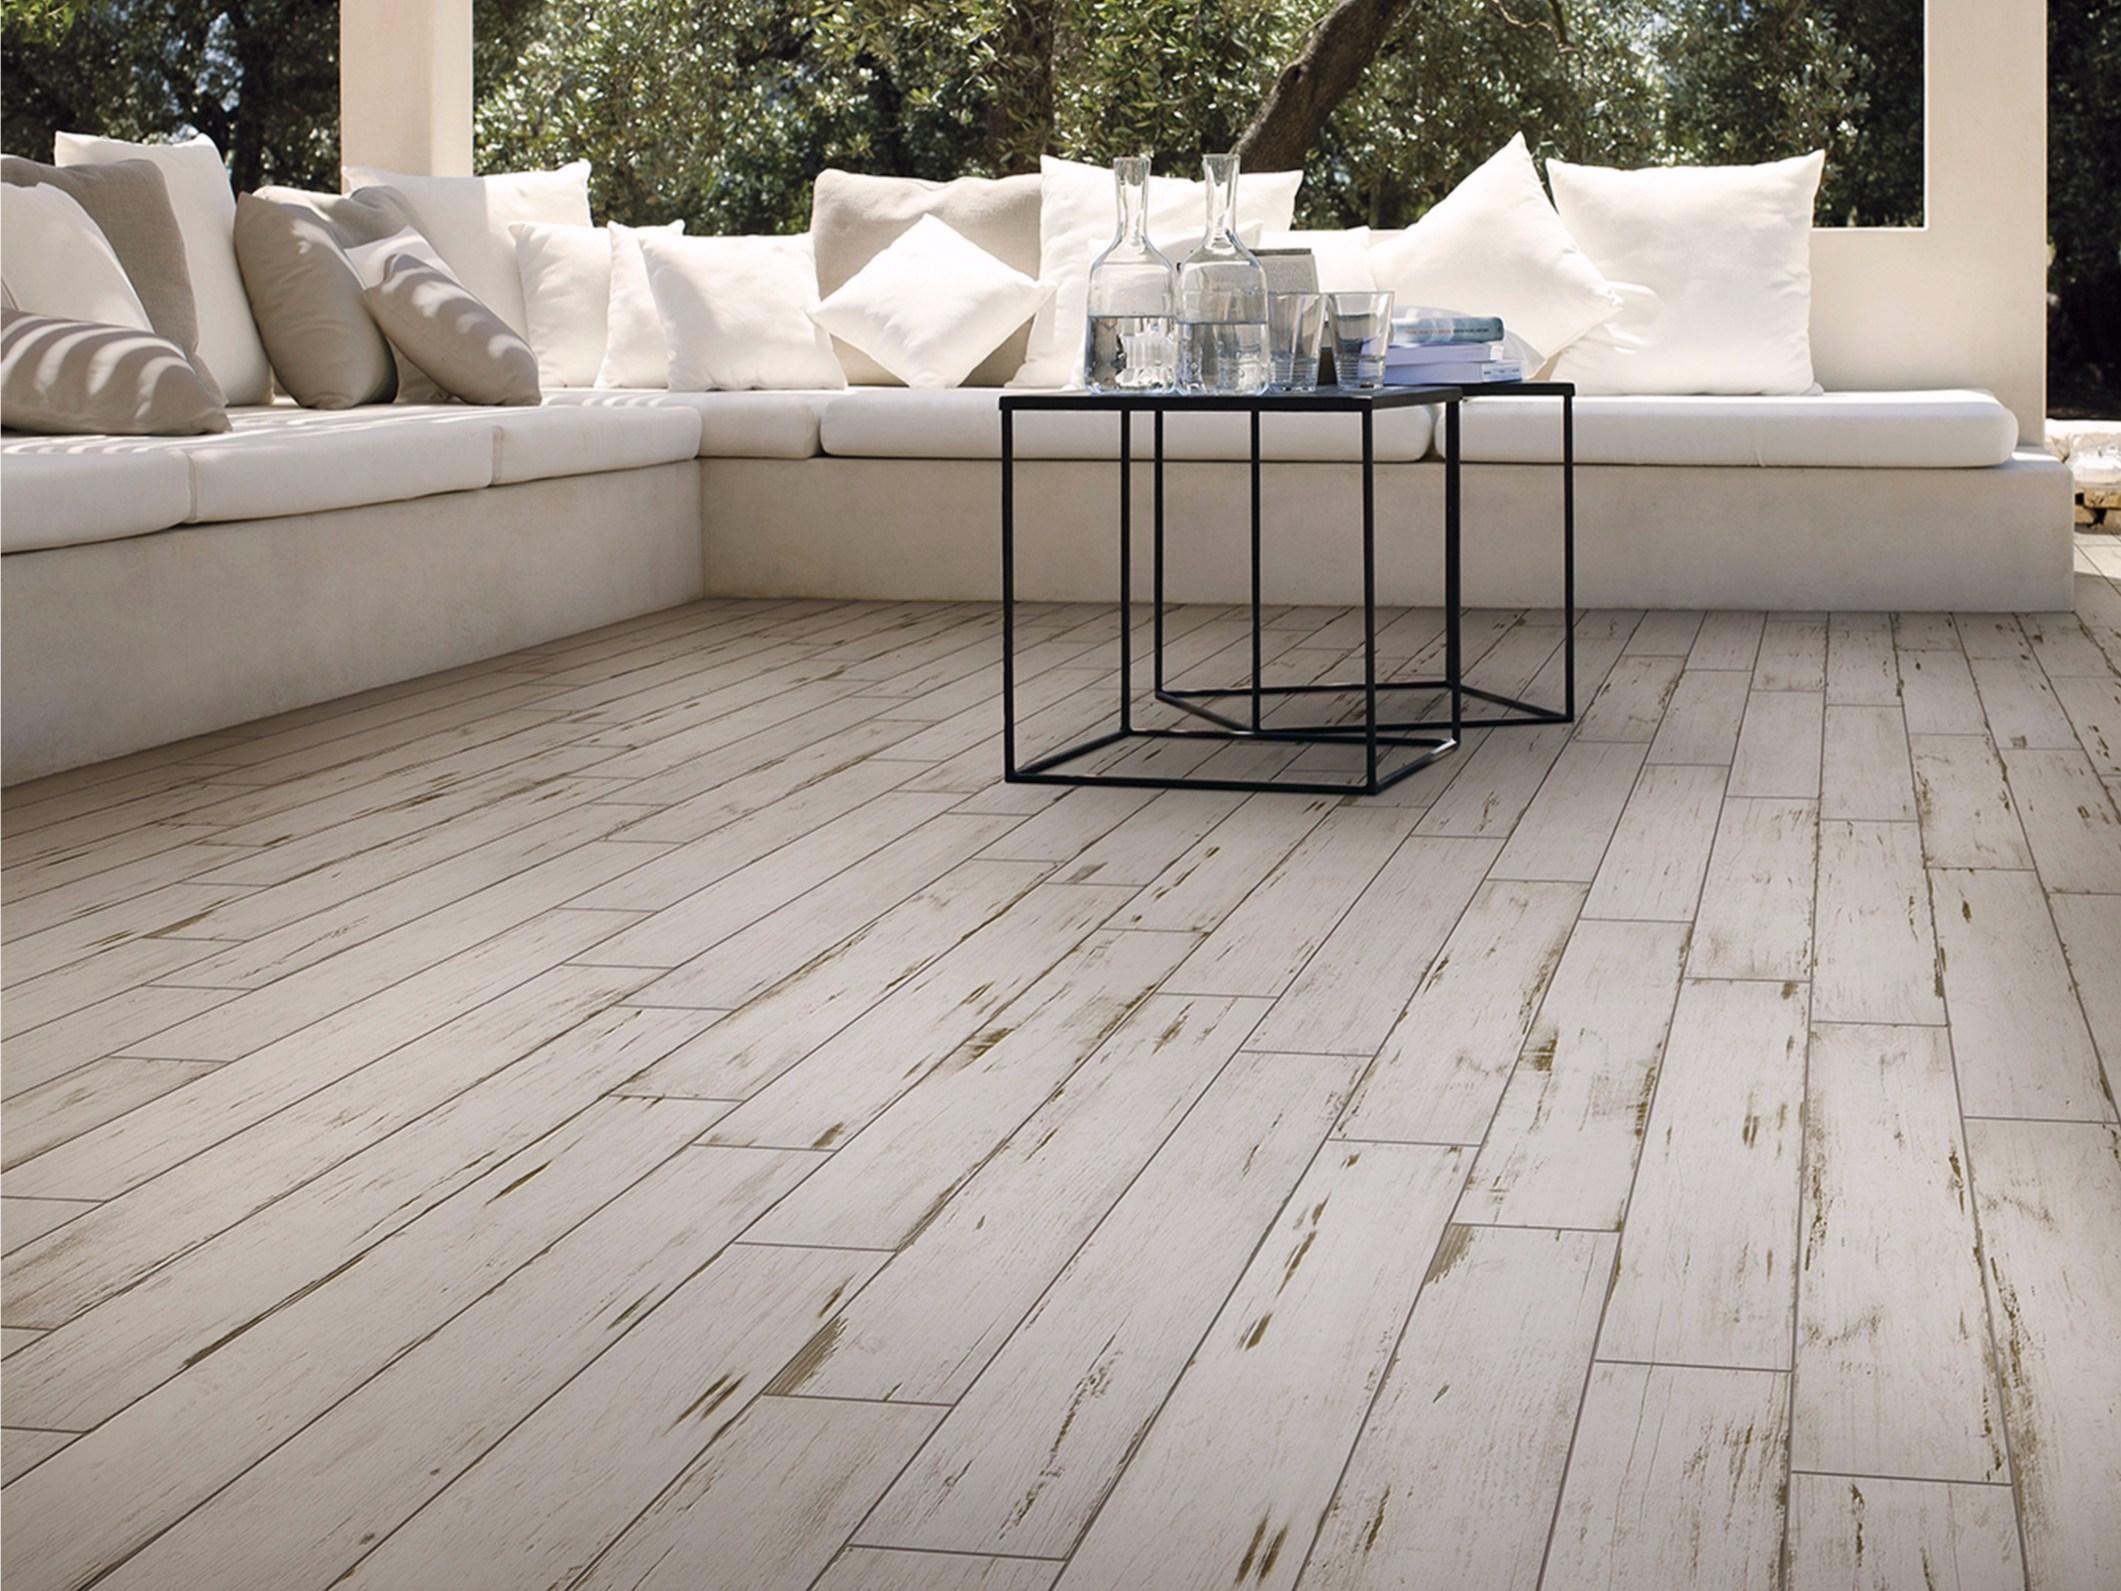 Gres porcellanato effetto legno - Pavimento esterno finto legno ...